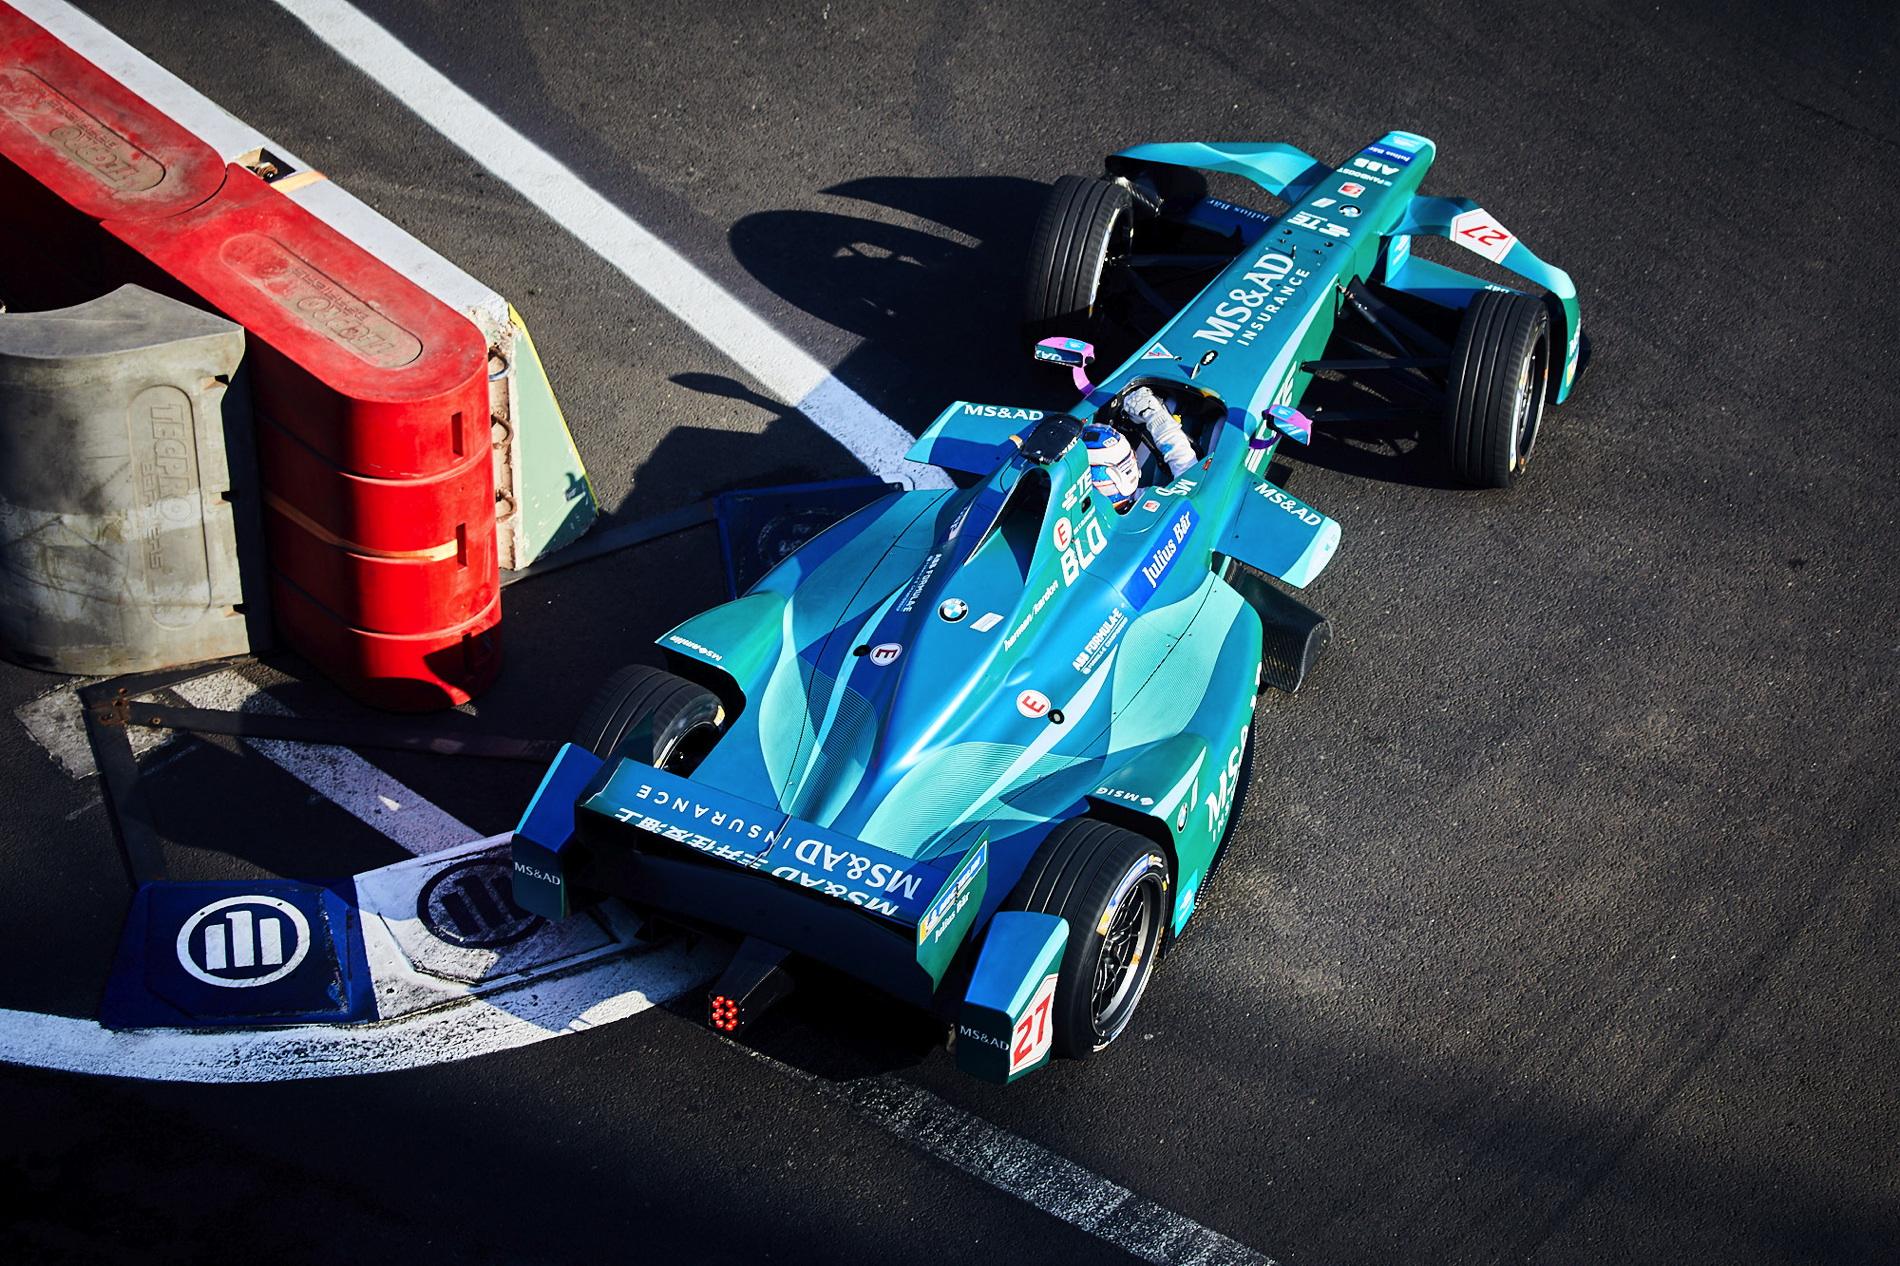 MSAD Andretti Formula E 02